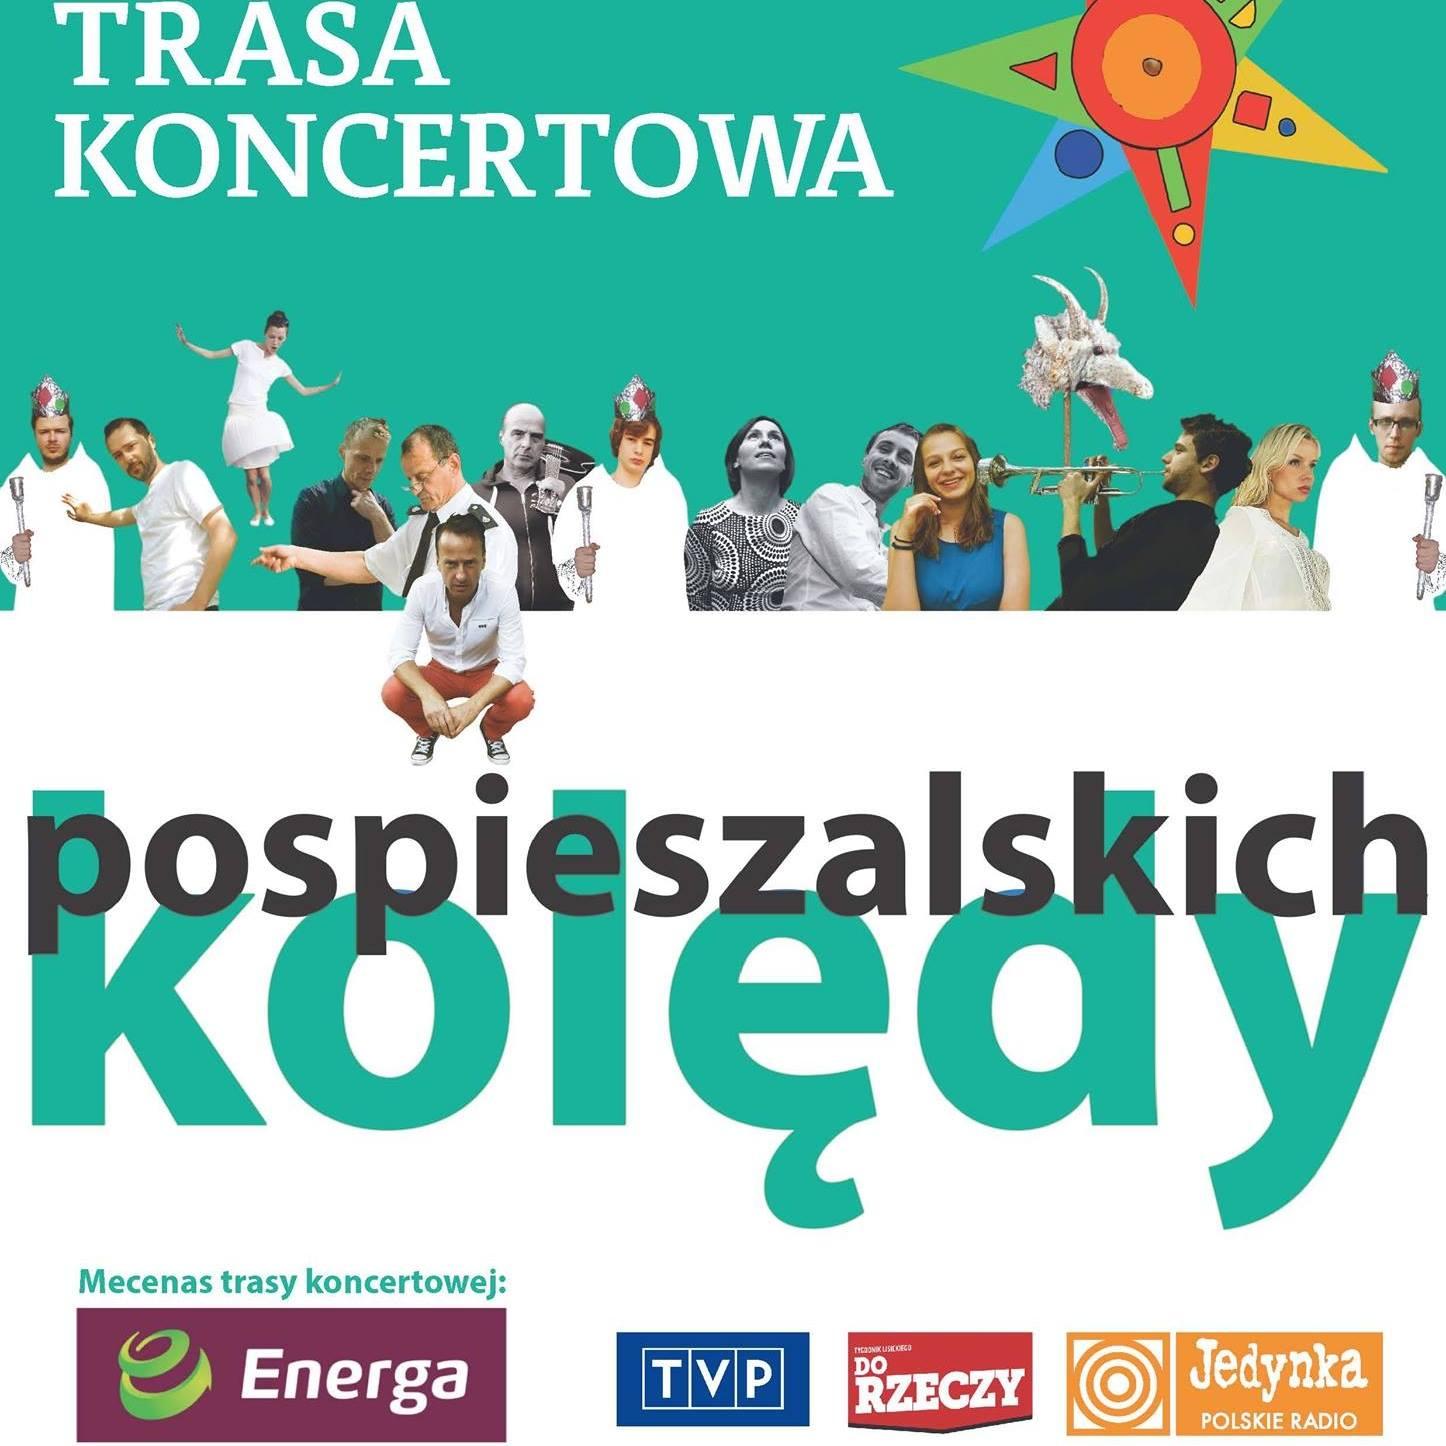 Kolędy Pospieszalskich 2017/2018